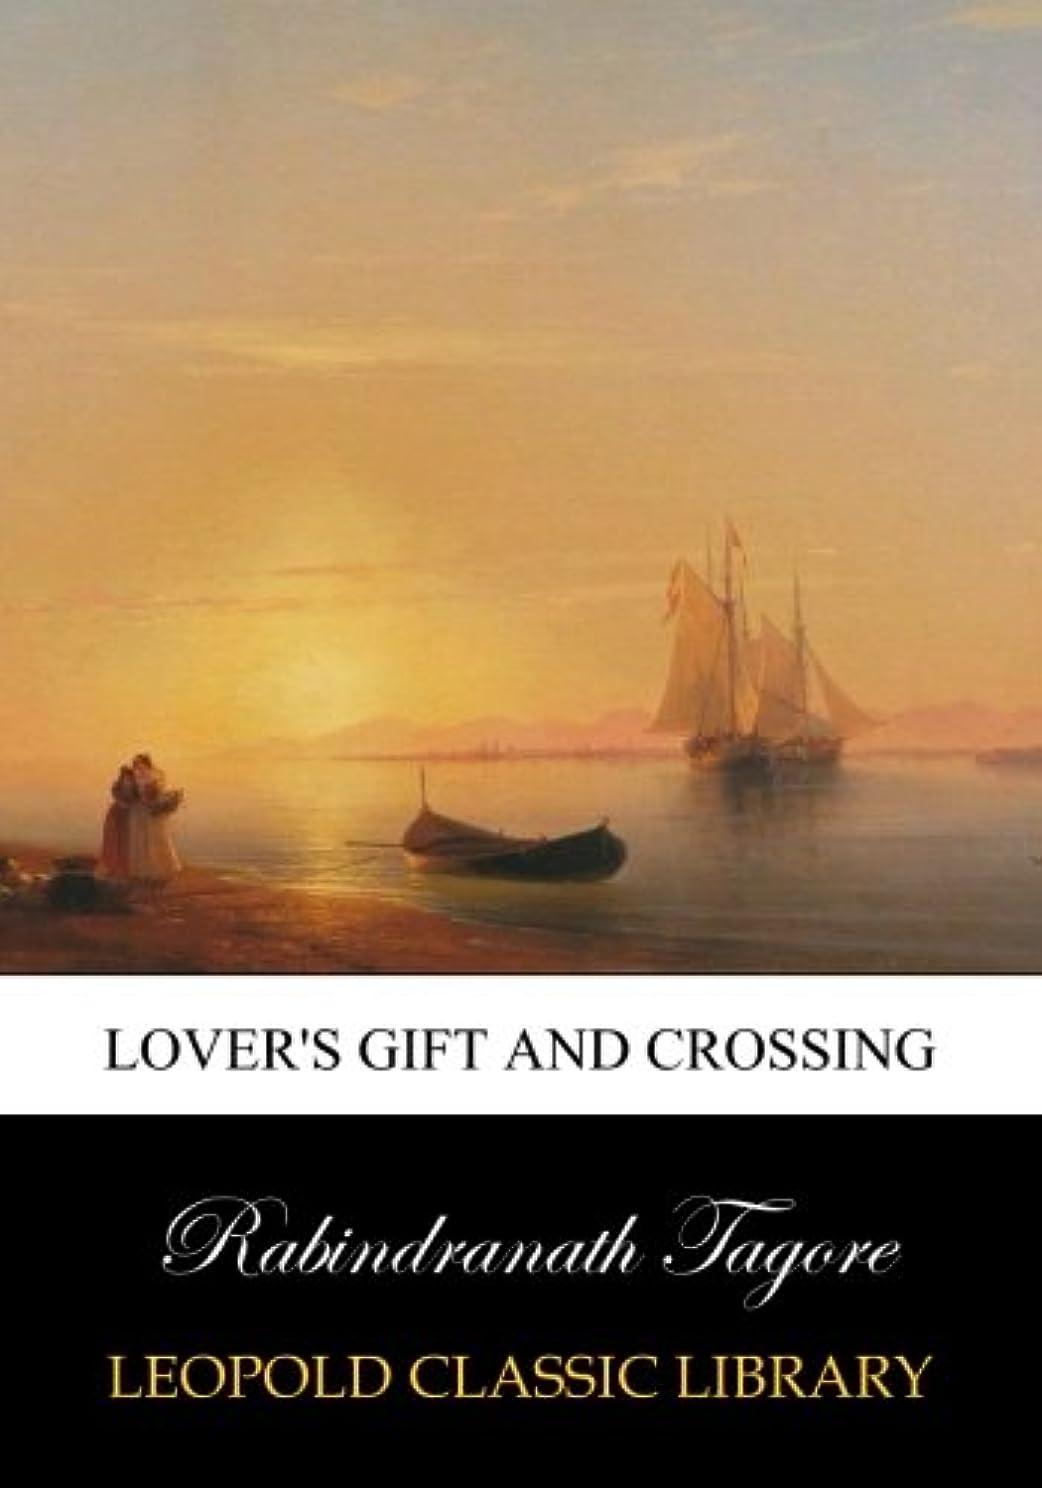 シェル民主主義見落とすLover's gift and Crossing